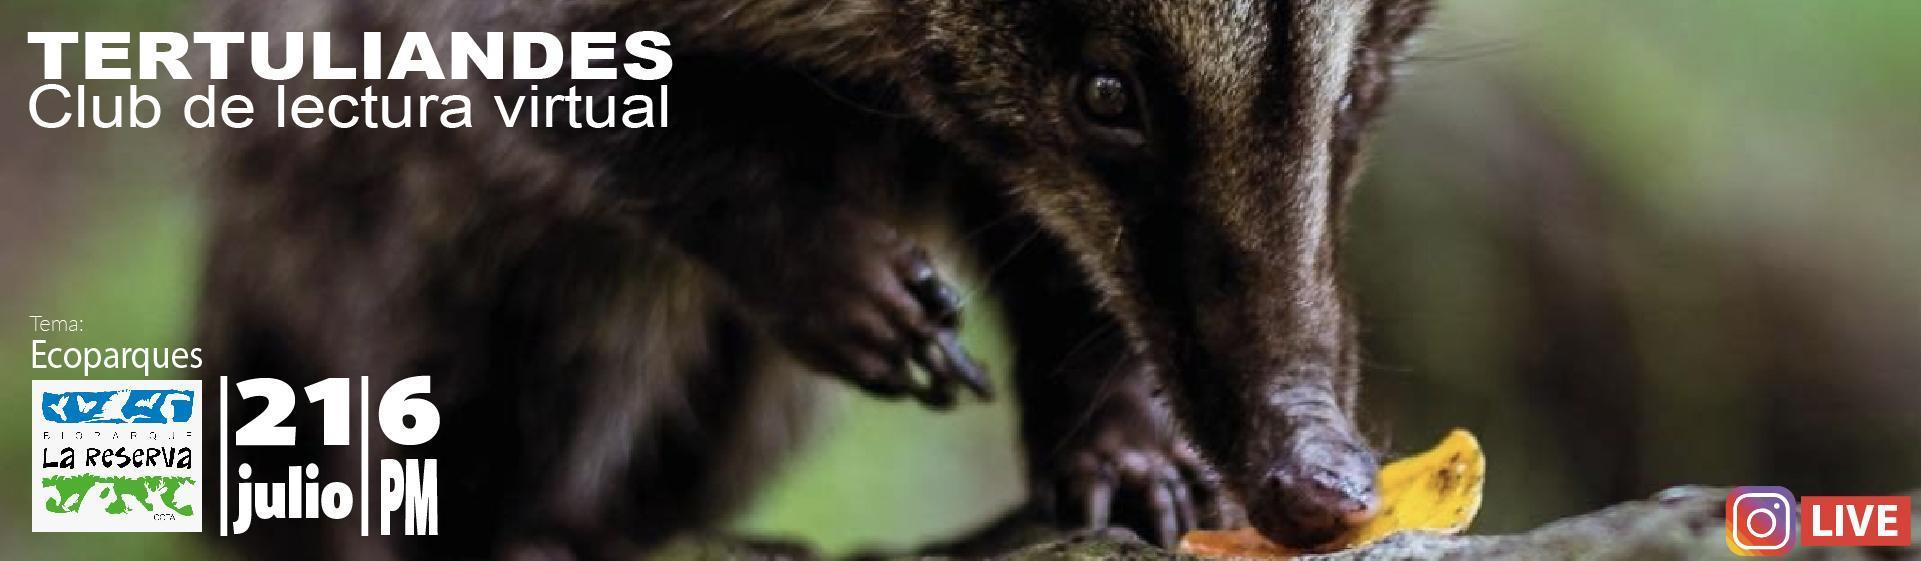 Tertuliandes : Bioparque La Reserva | Uniandes